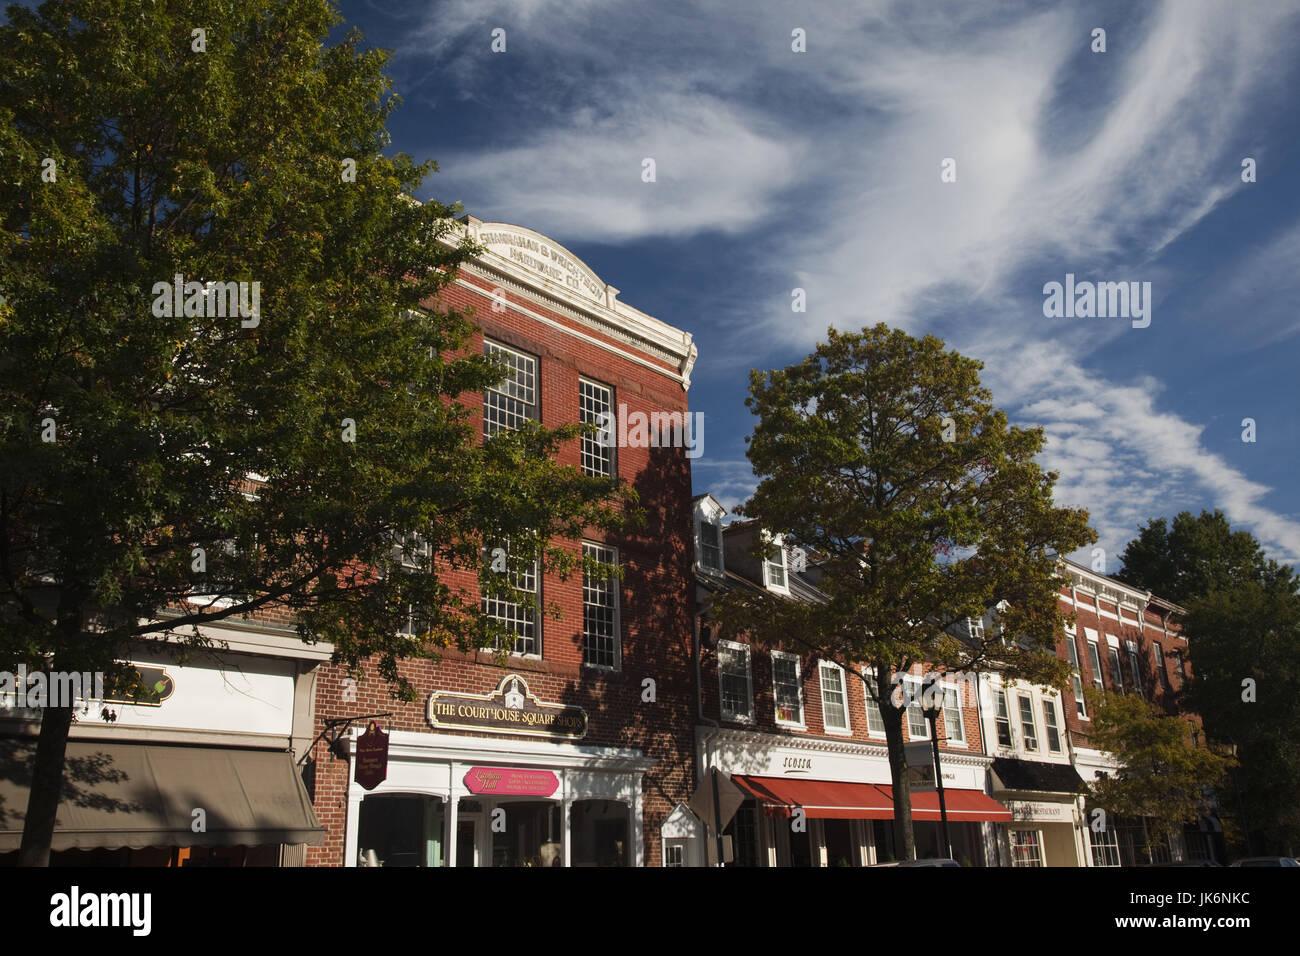 Easton Usa Stock Photos & Easton Usa Stock Images - Alamy